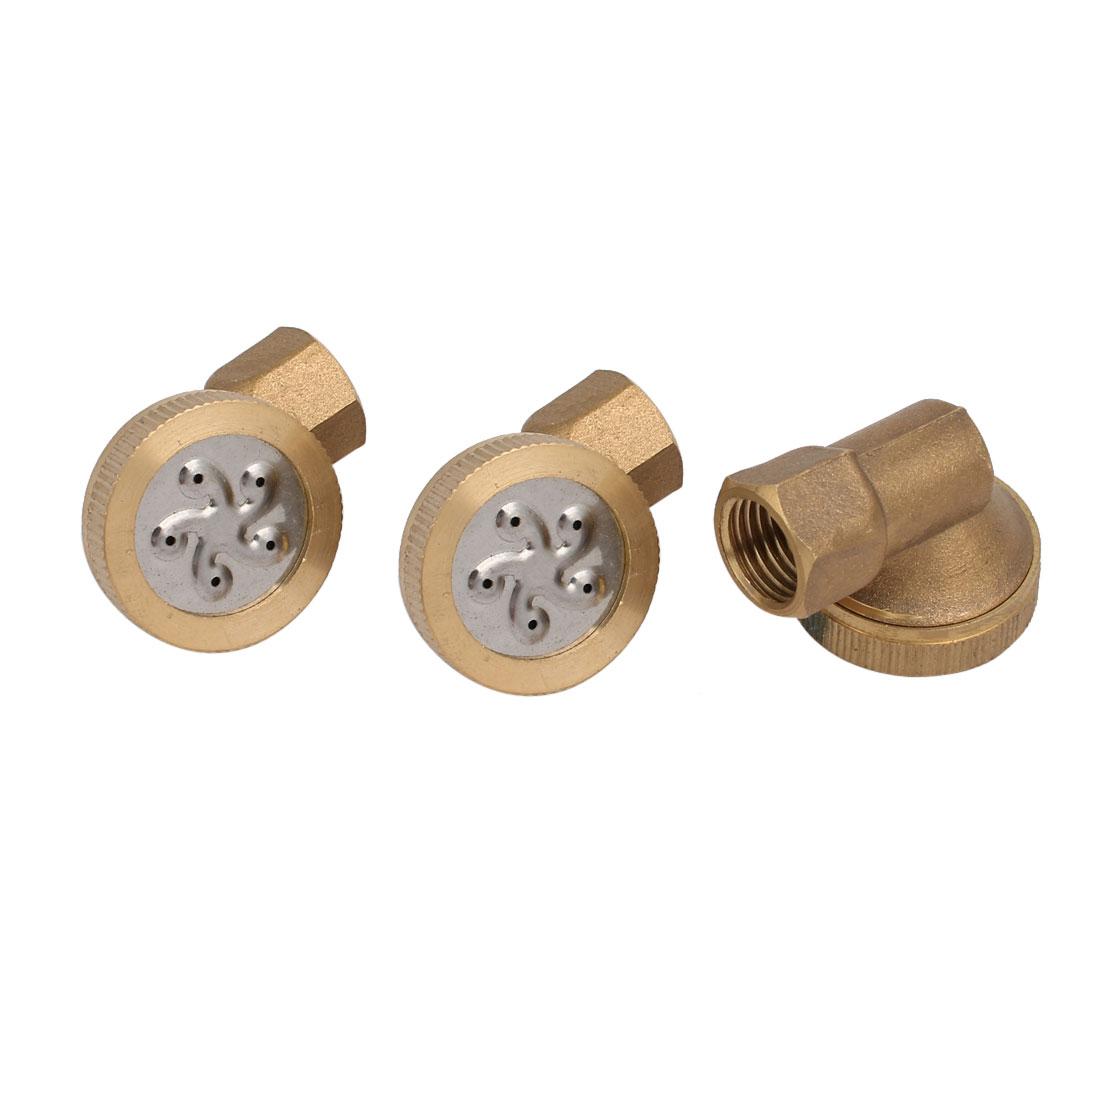 1/4BSP Female Thread 90 Degree 5-Hole Garden Sprinkler Misting Spray Nozzle 3pcs